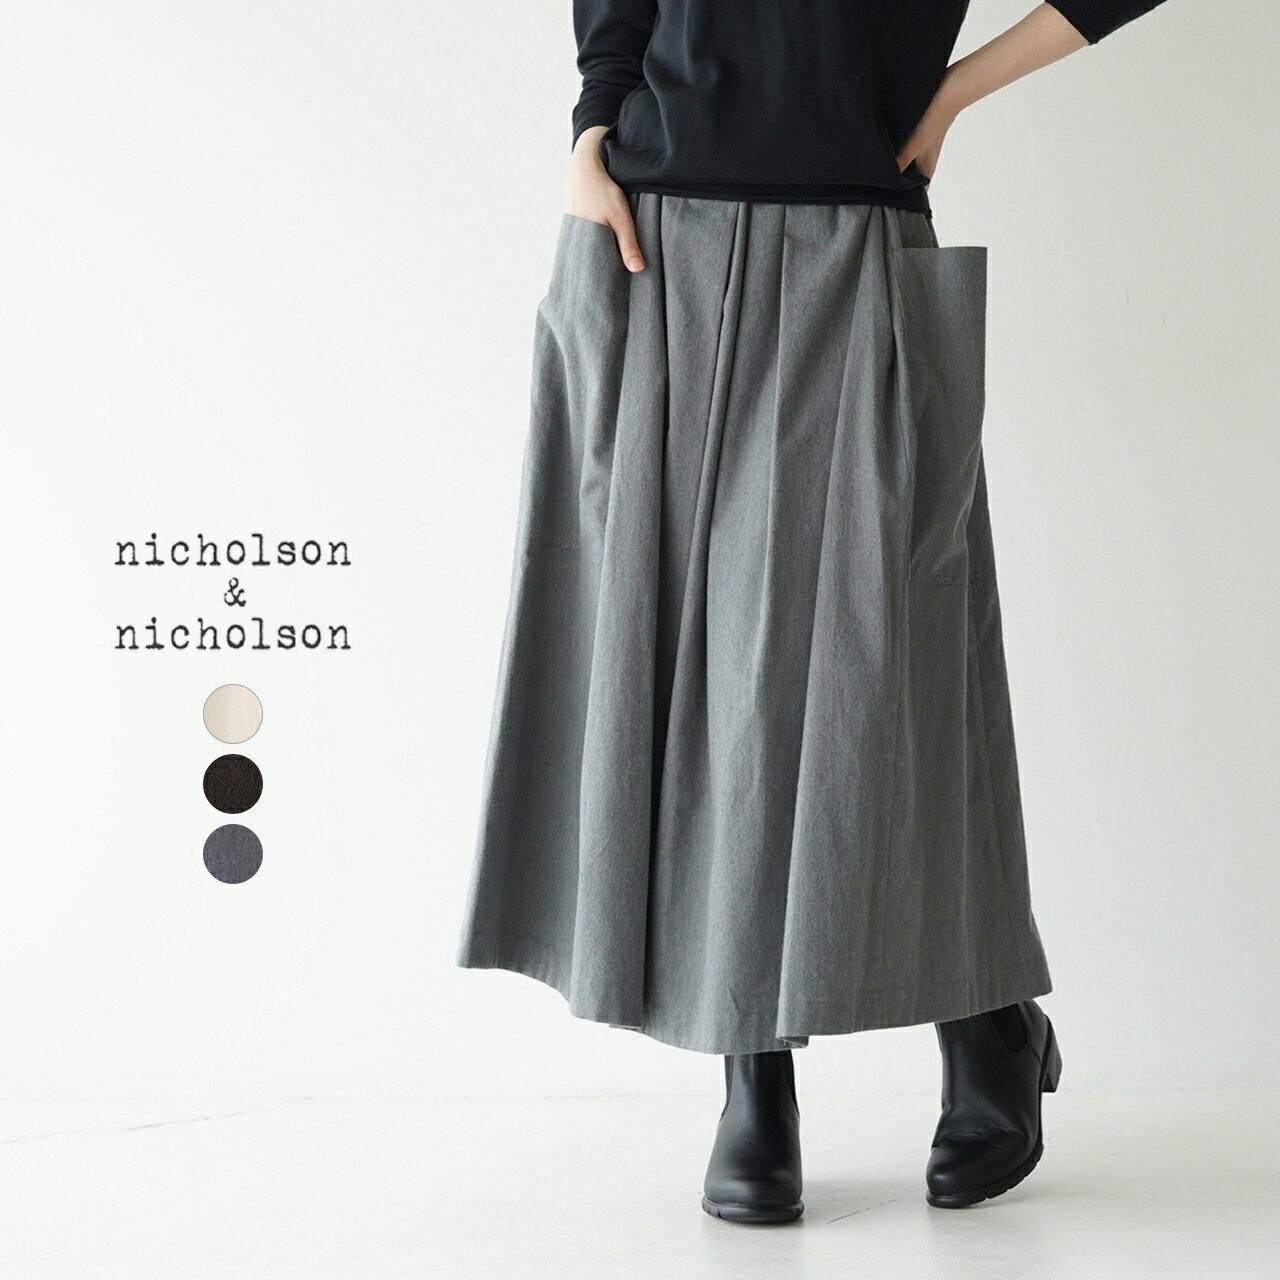 ボトムス, スカート  2021 nicholsonnicholson RAY 0530